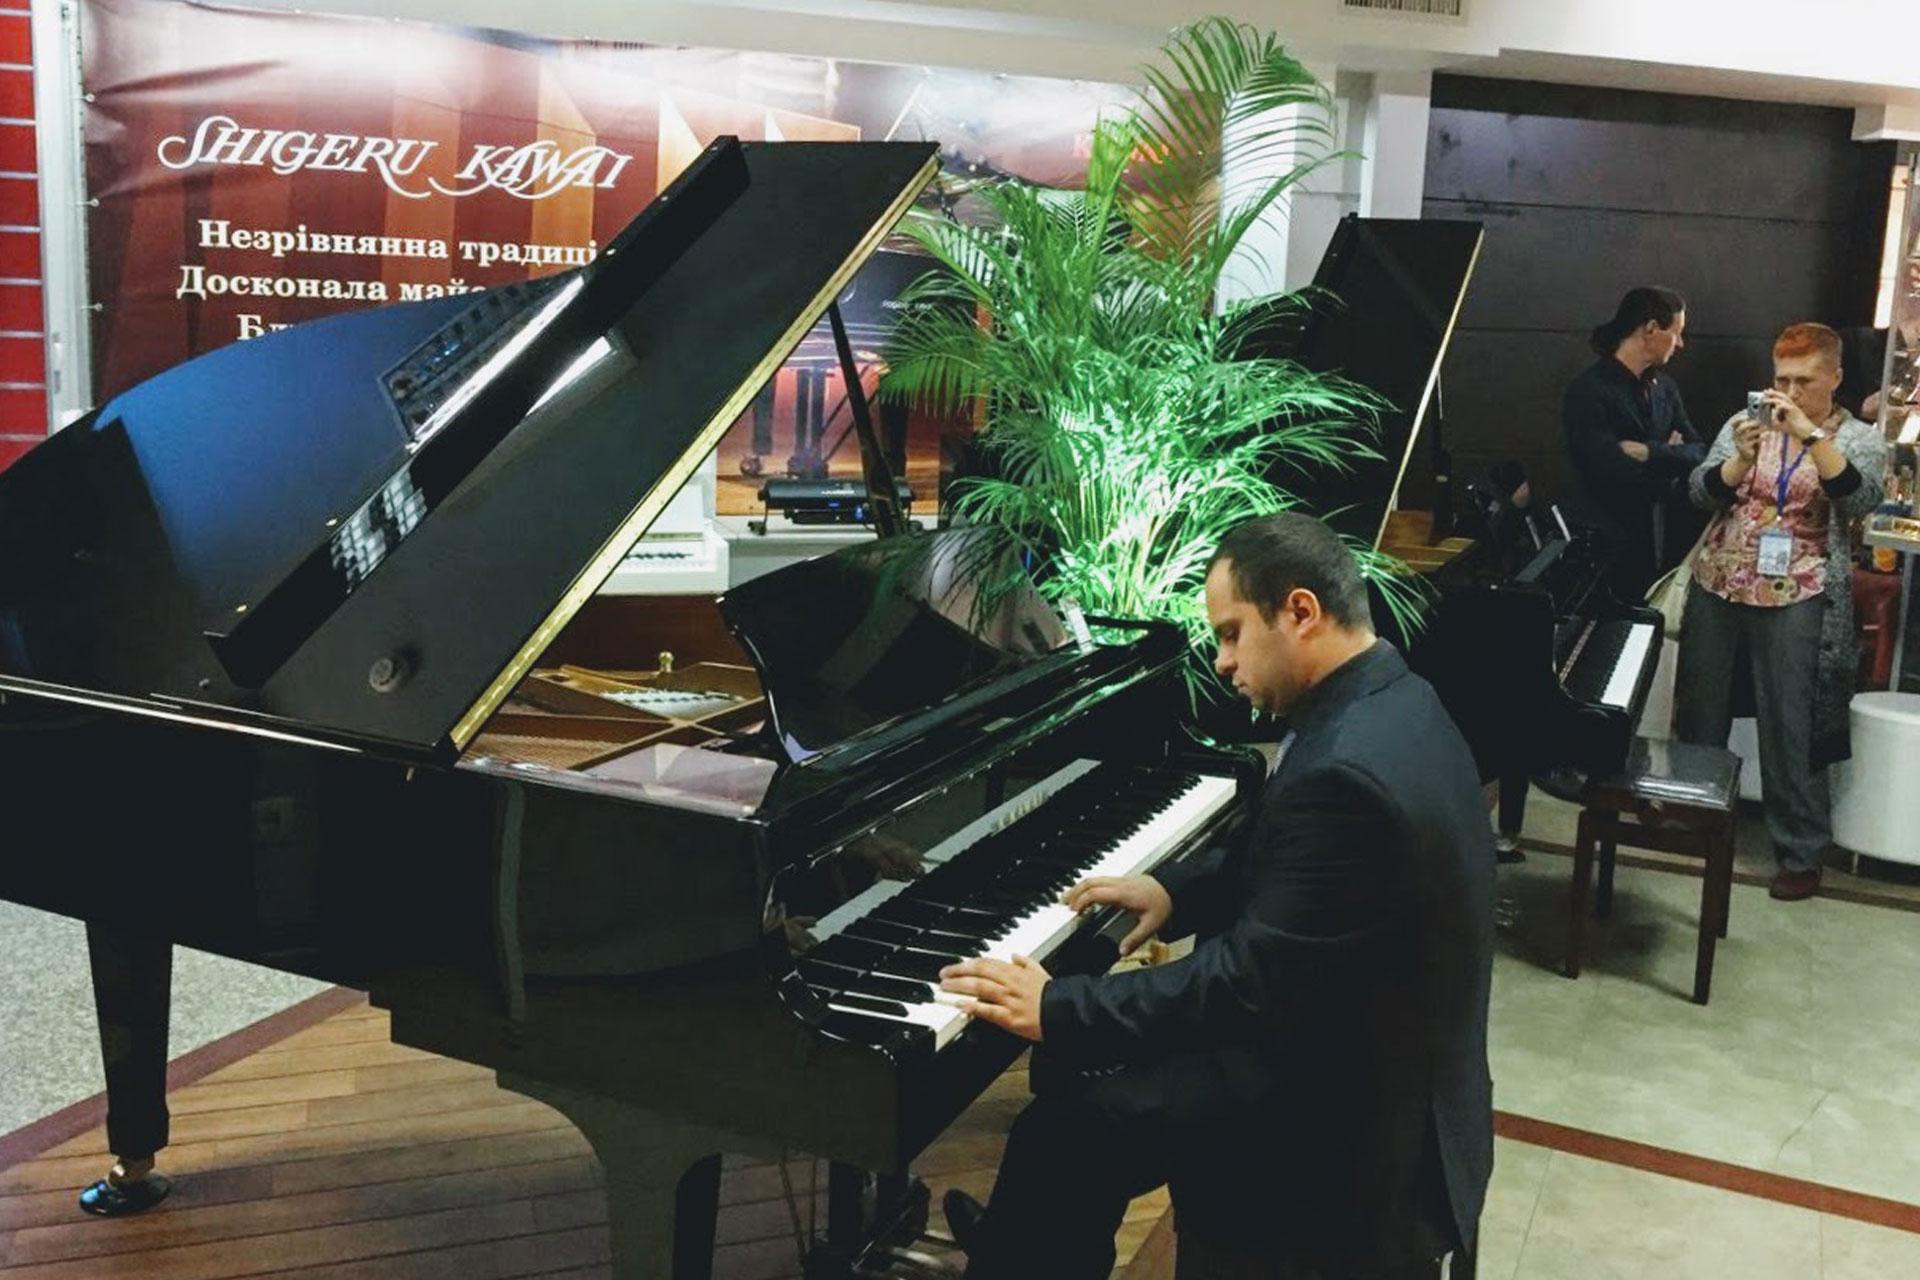 Открытие салона роялей Kawai в Киеве